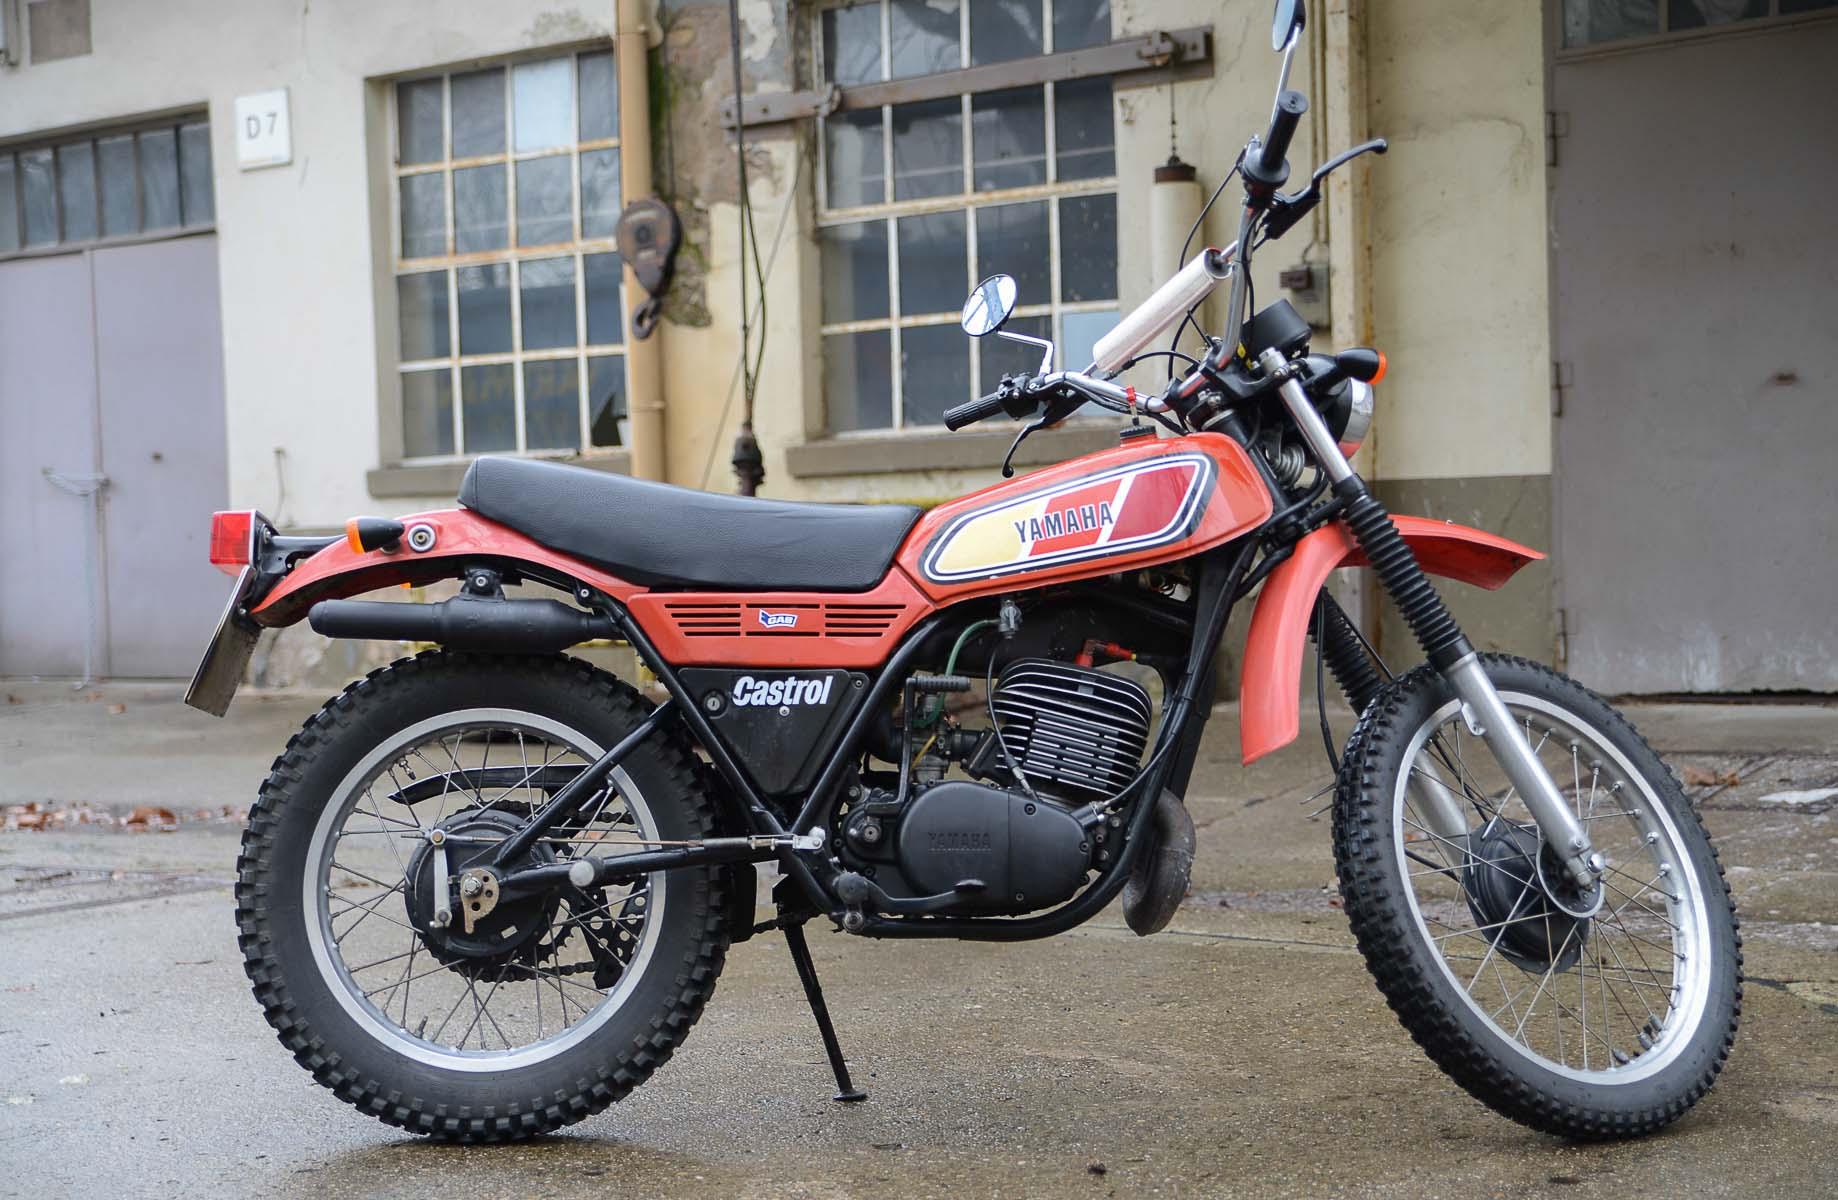 YAMAHA DT 250 MX (1977 - 1982)